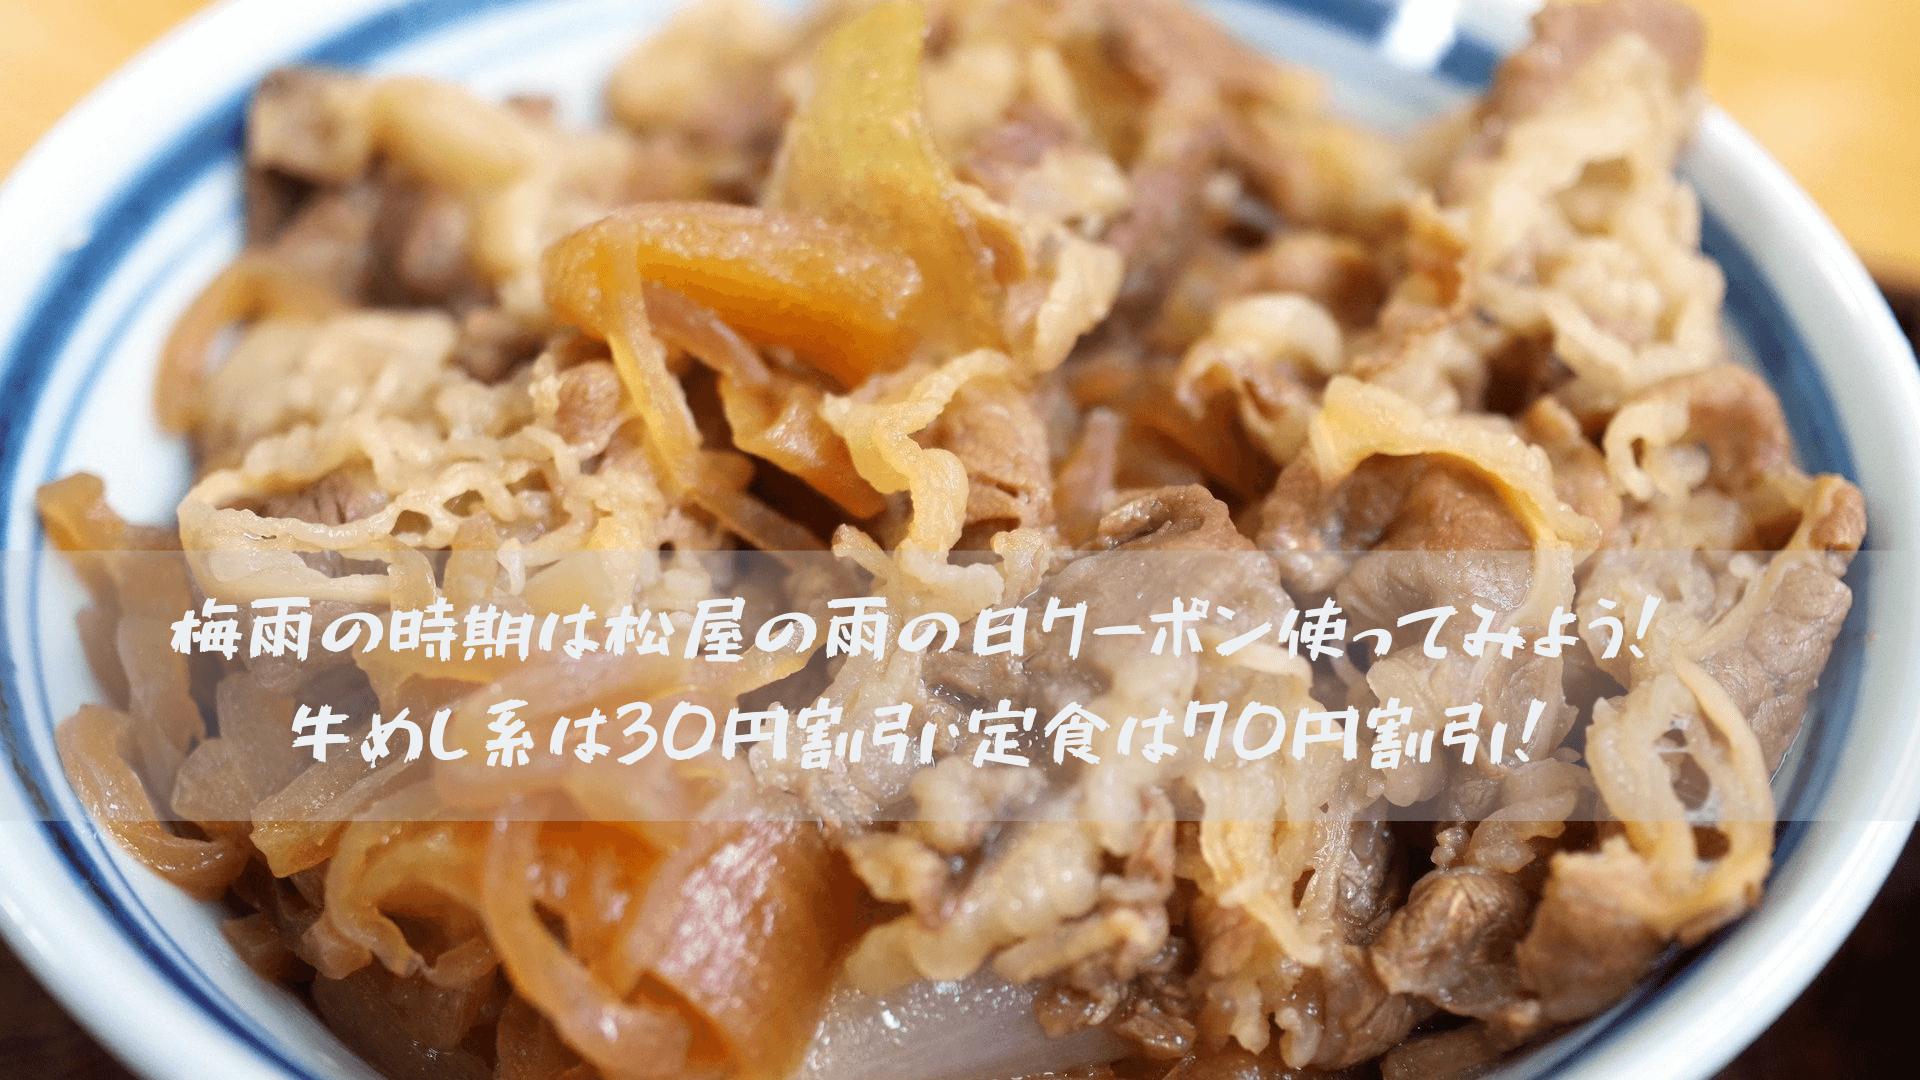 梅雨の時期は松屋の雨の日クーポン使ってみよう!牛めし系は30円割引・定食は70円割引!